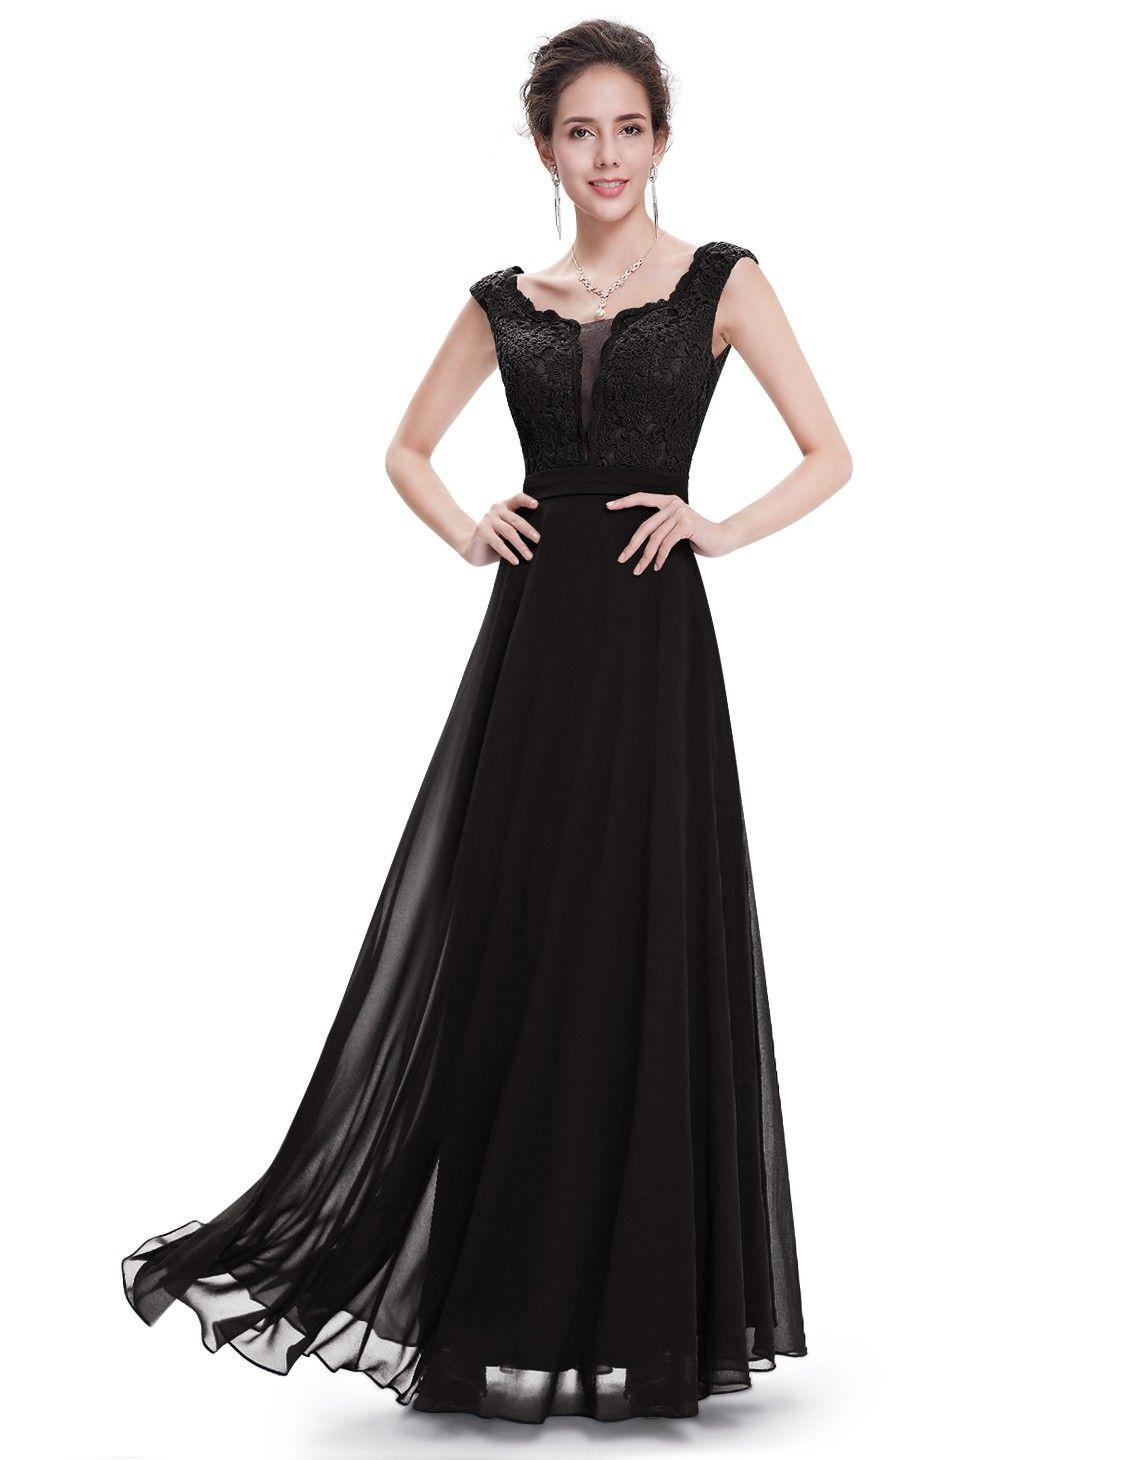 Damen rundhals cocktailkleid elegant schwarz cocktailkleider